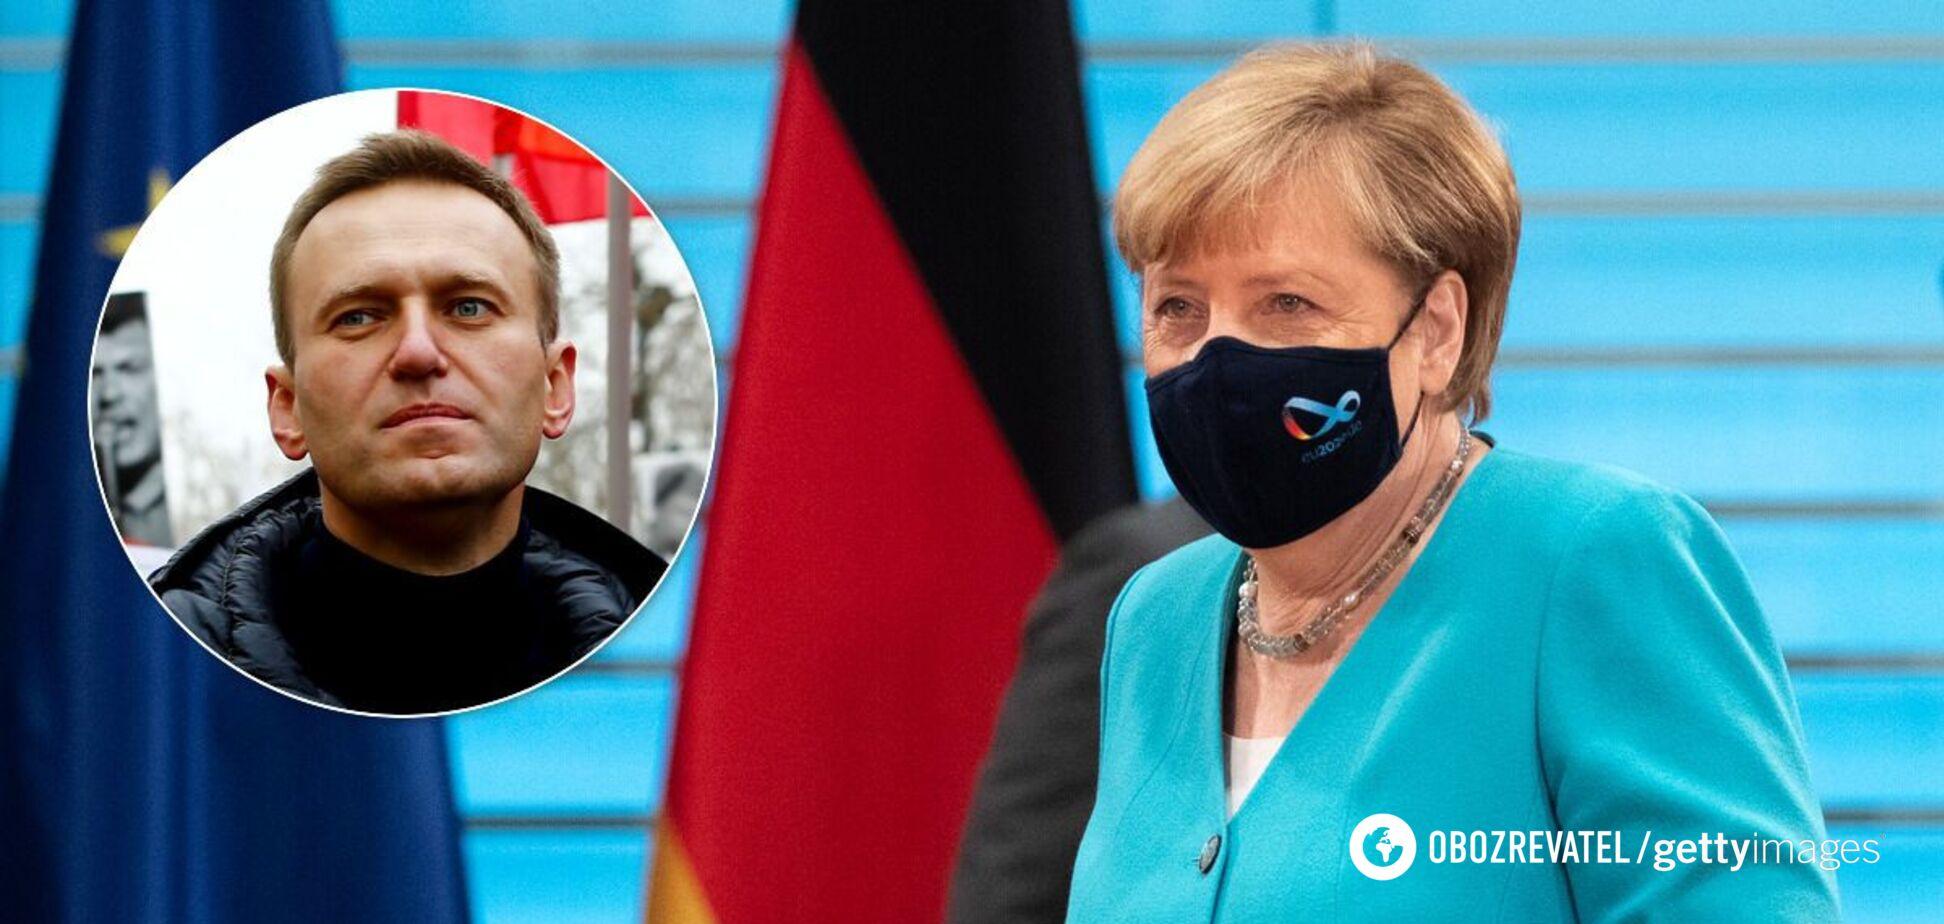 Меркель: Навальному хотели закрыть рот